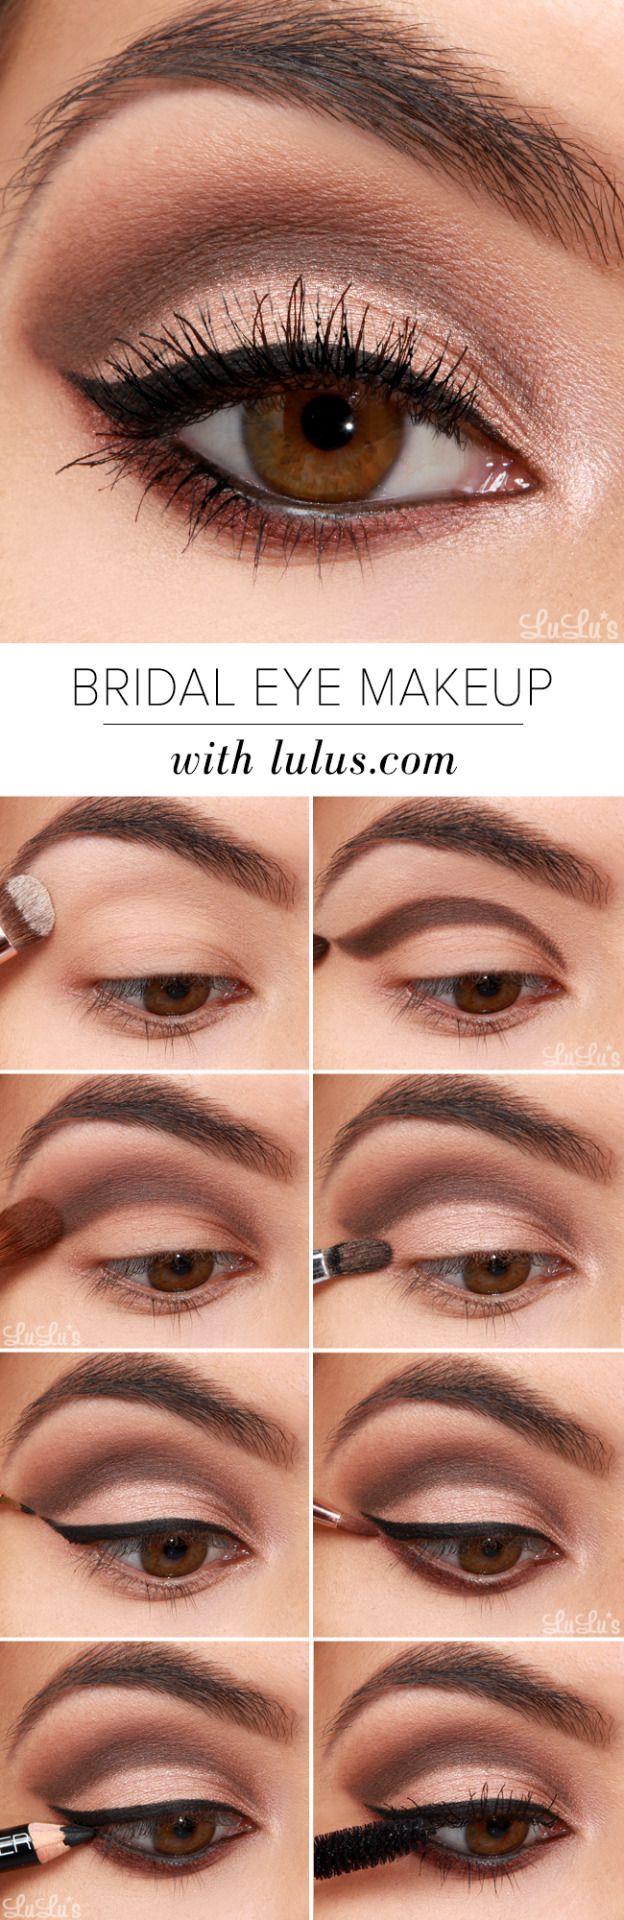 b8cc5d24ac54f0cf34b7a5c4c5fc2e0f - tutorial maquillaje ojos mejores equipos